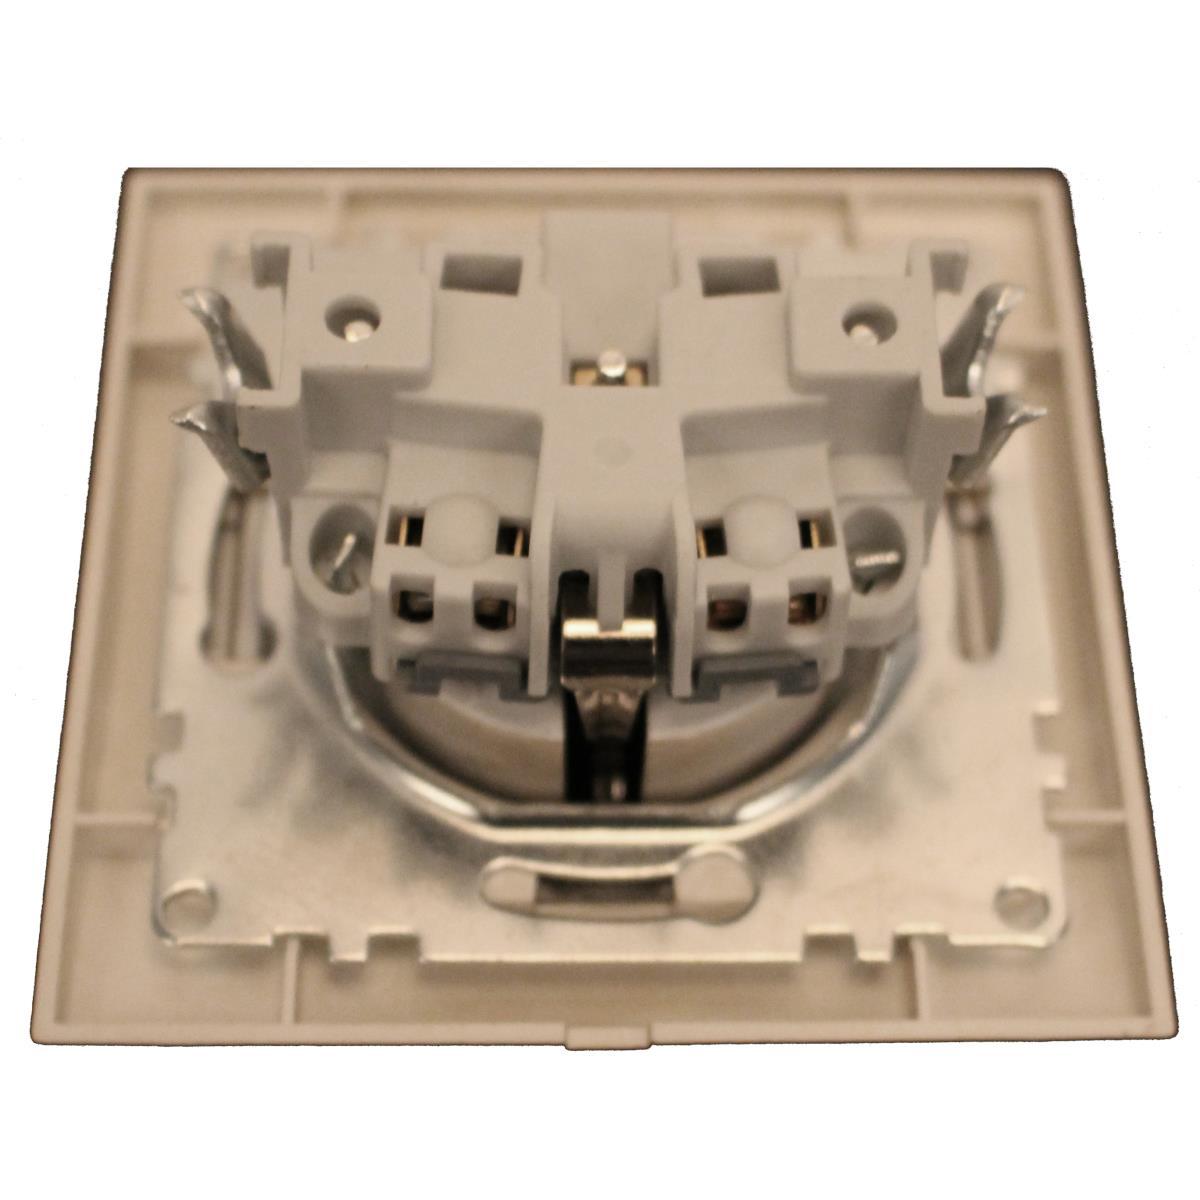 Steckdose mit Schutzkontakt Farbe champagner/silber IP20 16 A, 230 V,OKKO,9209-42-C, 4772013048688